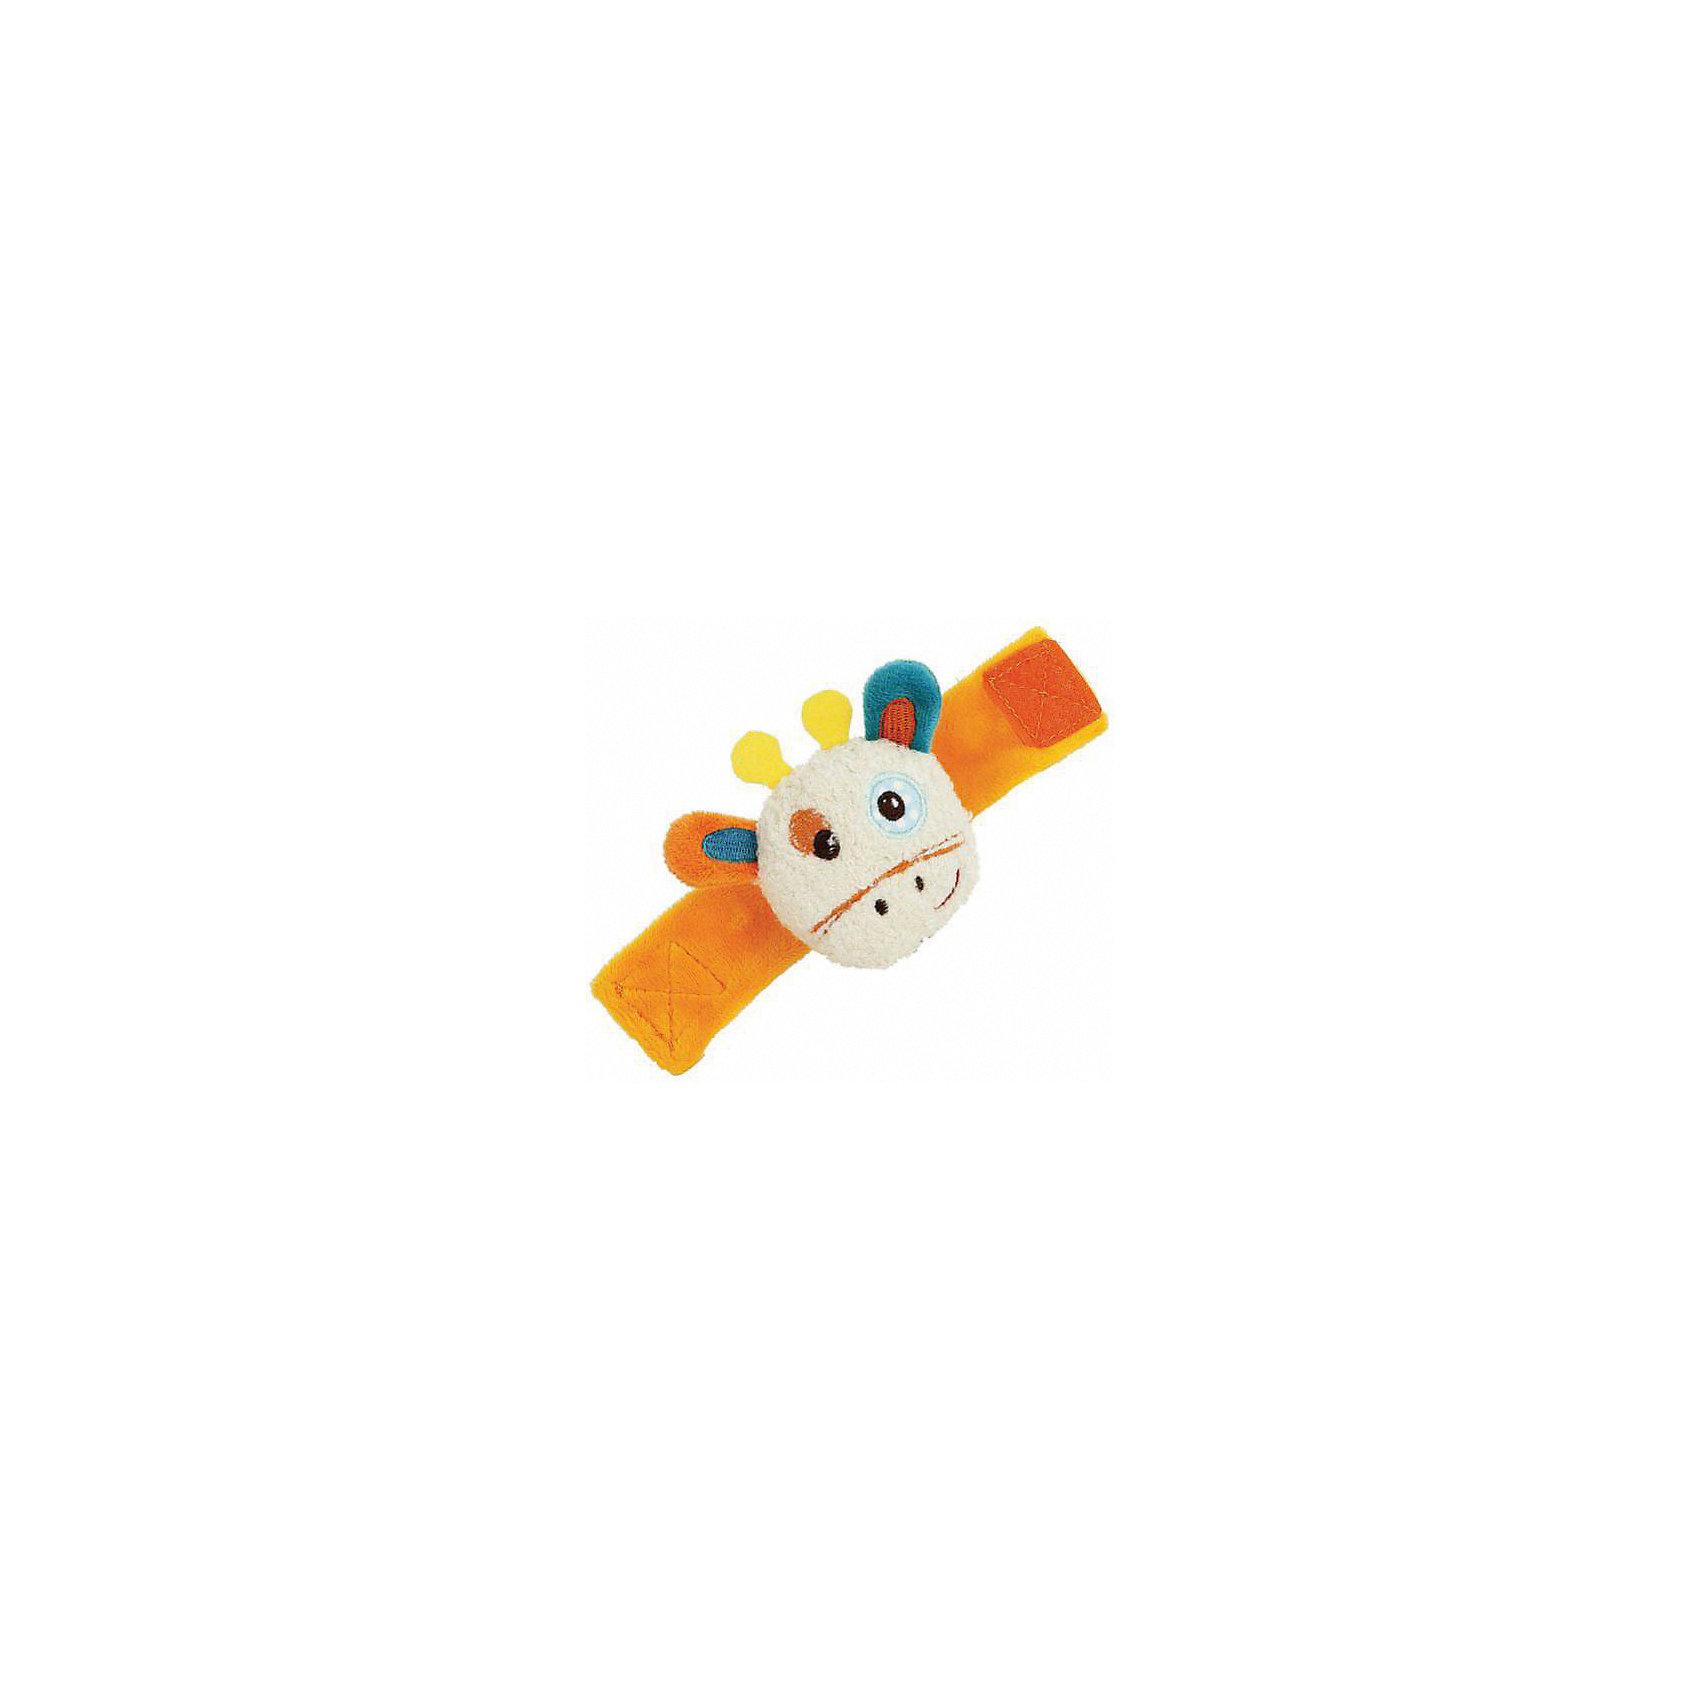 Погремушка-браслет Жирафики Жирафик ДэнниРазвивающие игрушки<br>Характеристики:<br><br>• погремушка;<br>• шуршащие элементы;<br>• застежка-липучка;<br>• возраст: от 1 месяца;<br>• размер упаковки: 15х3,5х9,5 см;<br>• вес: 45 грамм;<br>• страна бренда: Россия.<br><br>Жирафик Дэнни - яркий браслет для малышей. Он надевается на ручку и крепится с помощью надежной липучки.<br><br>Внутри жирафика расположена погремушка. Ушки и рожки жирафа дополнены шуршащими вставками.<br><br>Браслет способствует развитию цветового и звукового восприятия, тактильных ощущений.<br><br>Браслет на ручку Жирафик Дэнни, Жирафики можно купить в нашем интернет-магазине.<br><br>Ширина мм: 95<br>Глубина мм: 35<br>Высота мм: 150<br>Вес г: 45<br>Возраст от месяцев: 3<br>Возраст до месяцев: 2147483647<br>Пол: Унисекс<br>Возраст: Детский<br>SKU: 6846871